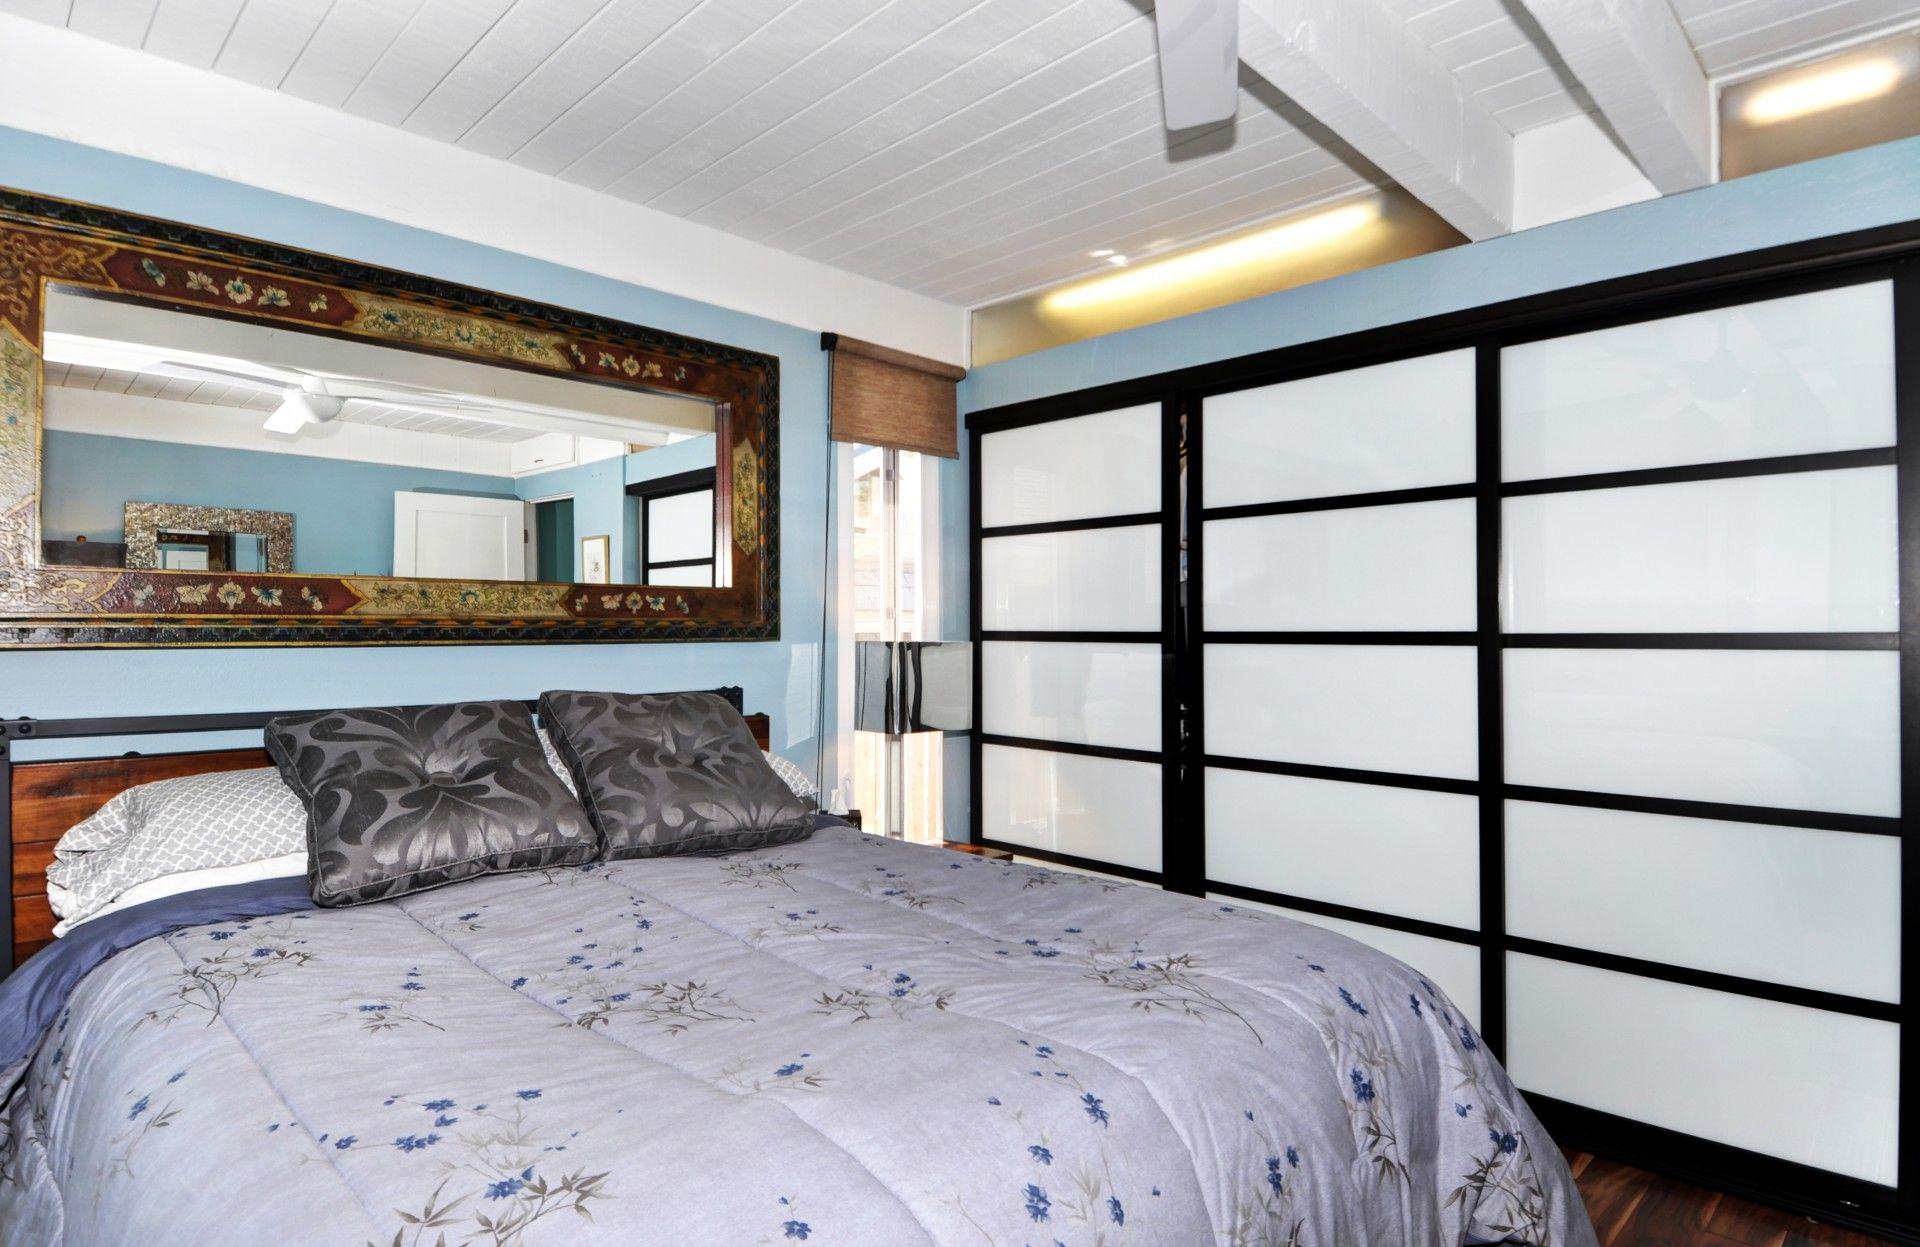 Shoji screen inspired sliding closet doors. zen bedroom